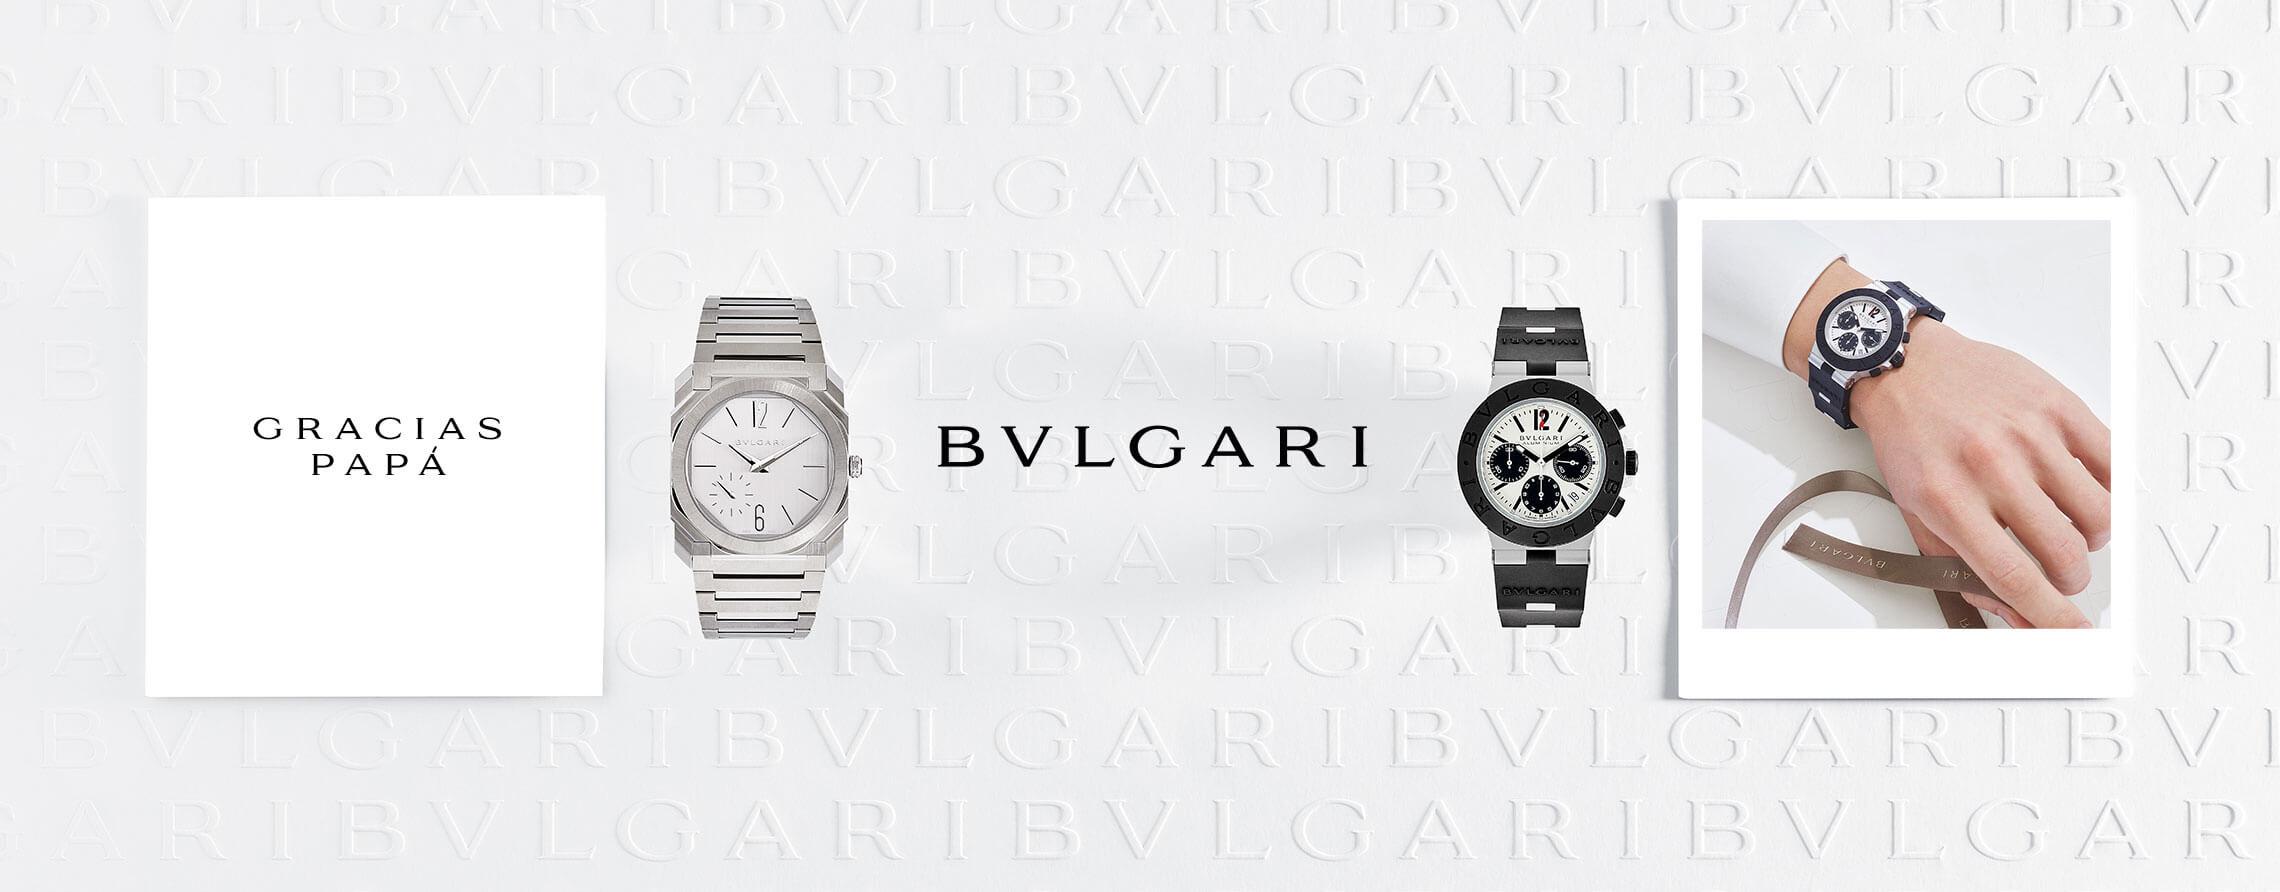 Un reloj Bulgari dorado